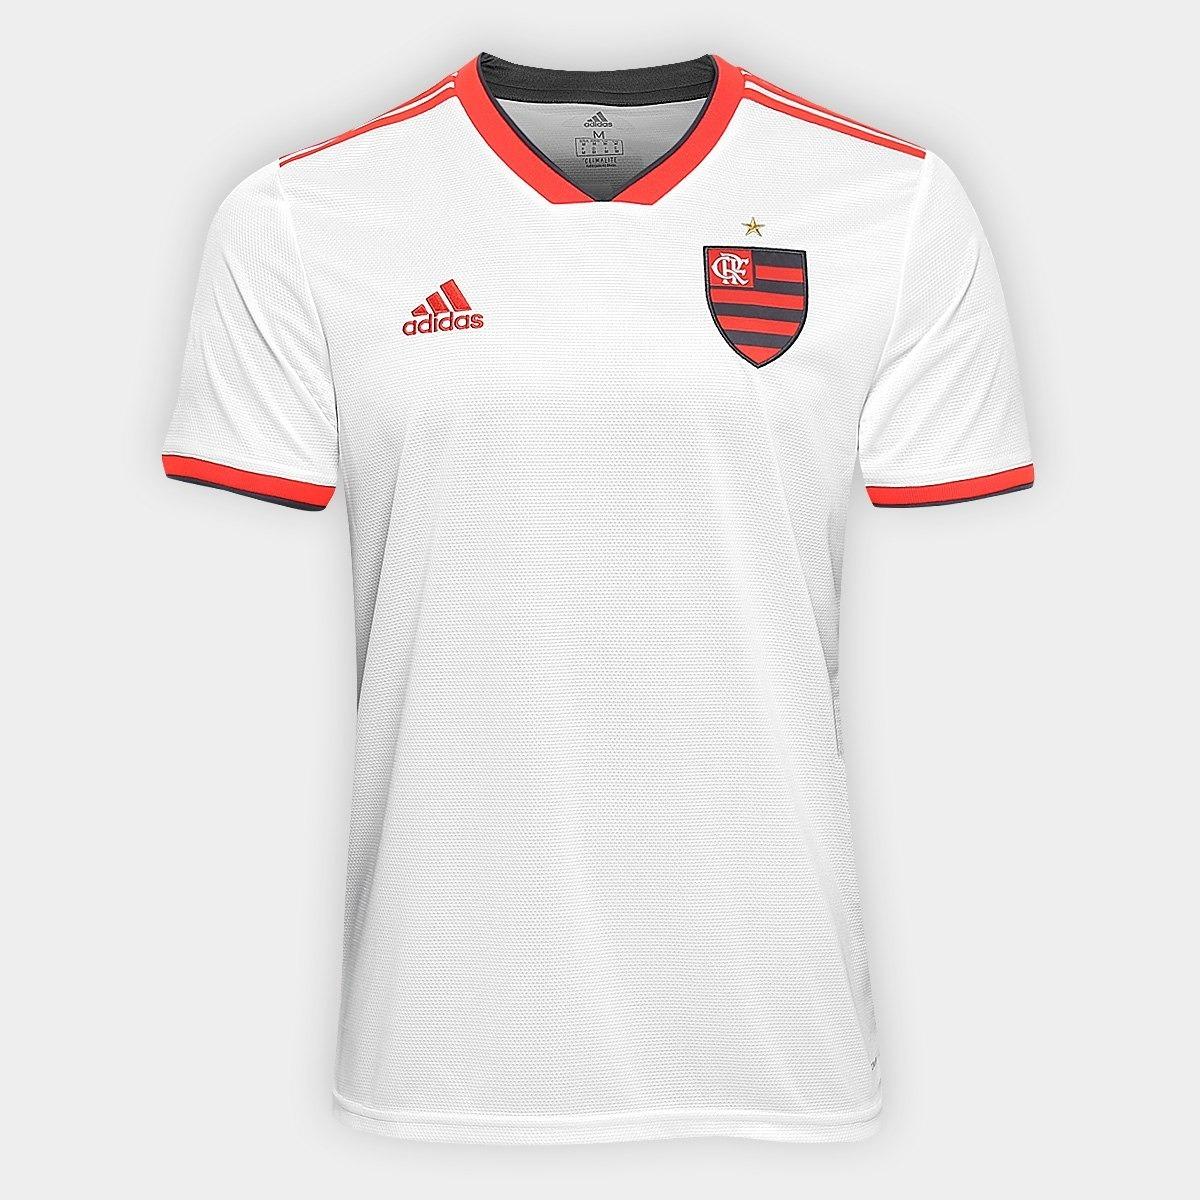 Camisa Do Flamengo Branca 18 19 - Frete Grátis - R  189 eb185aadf9ebf